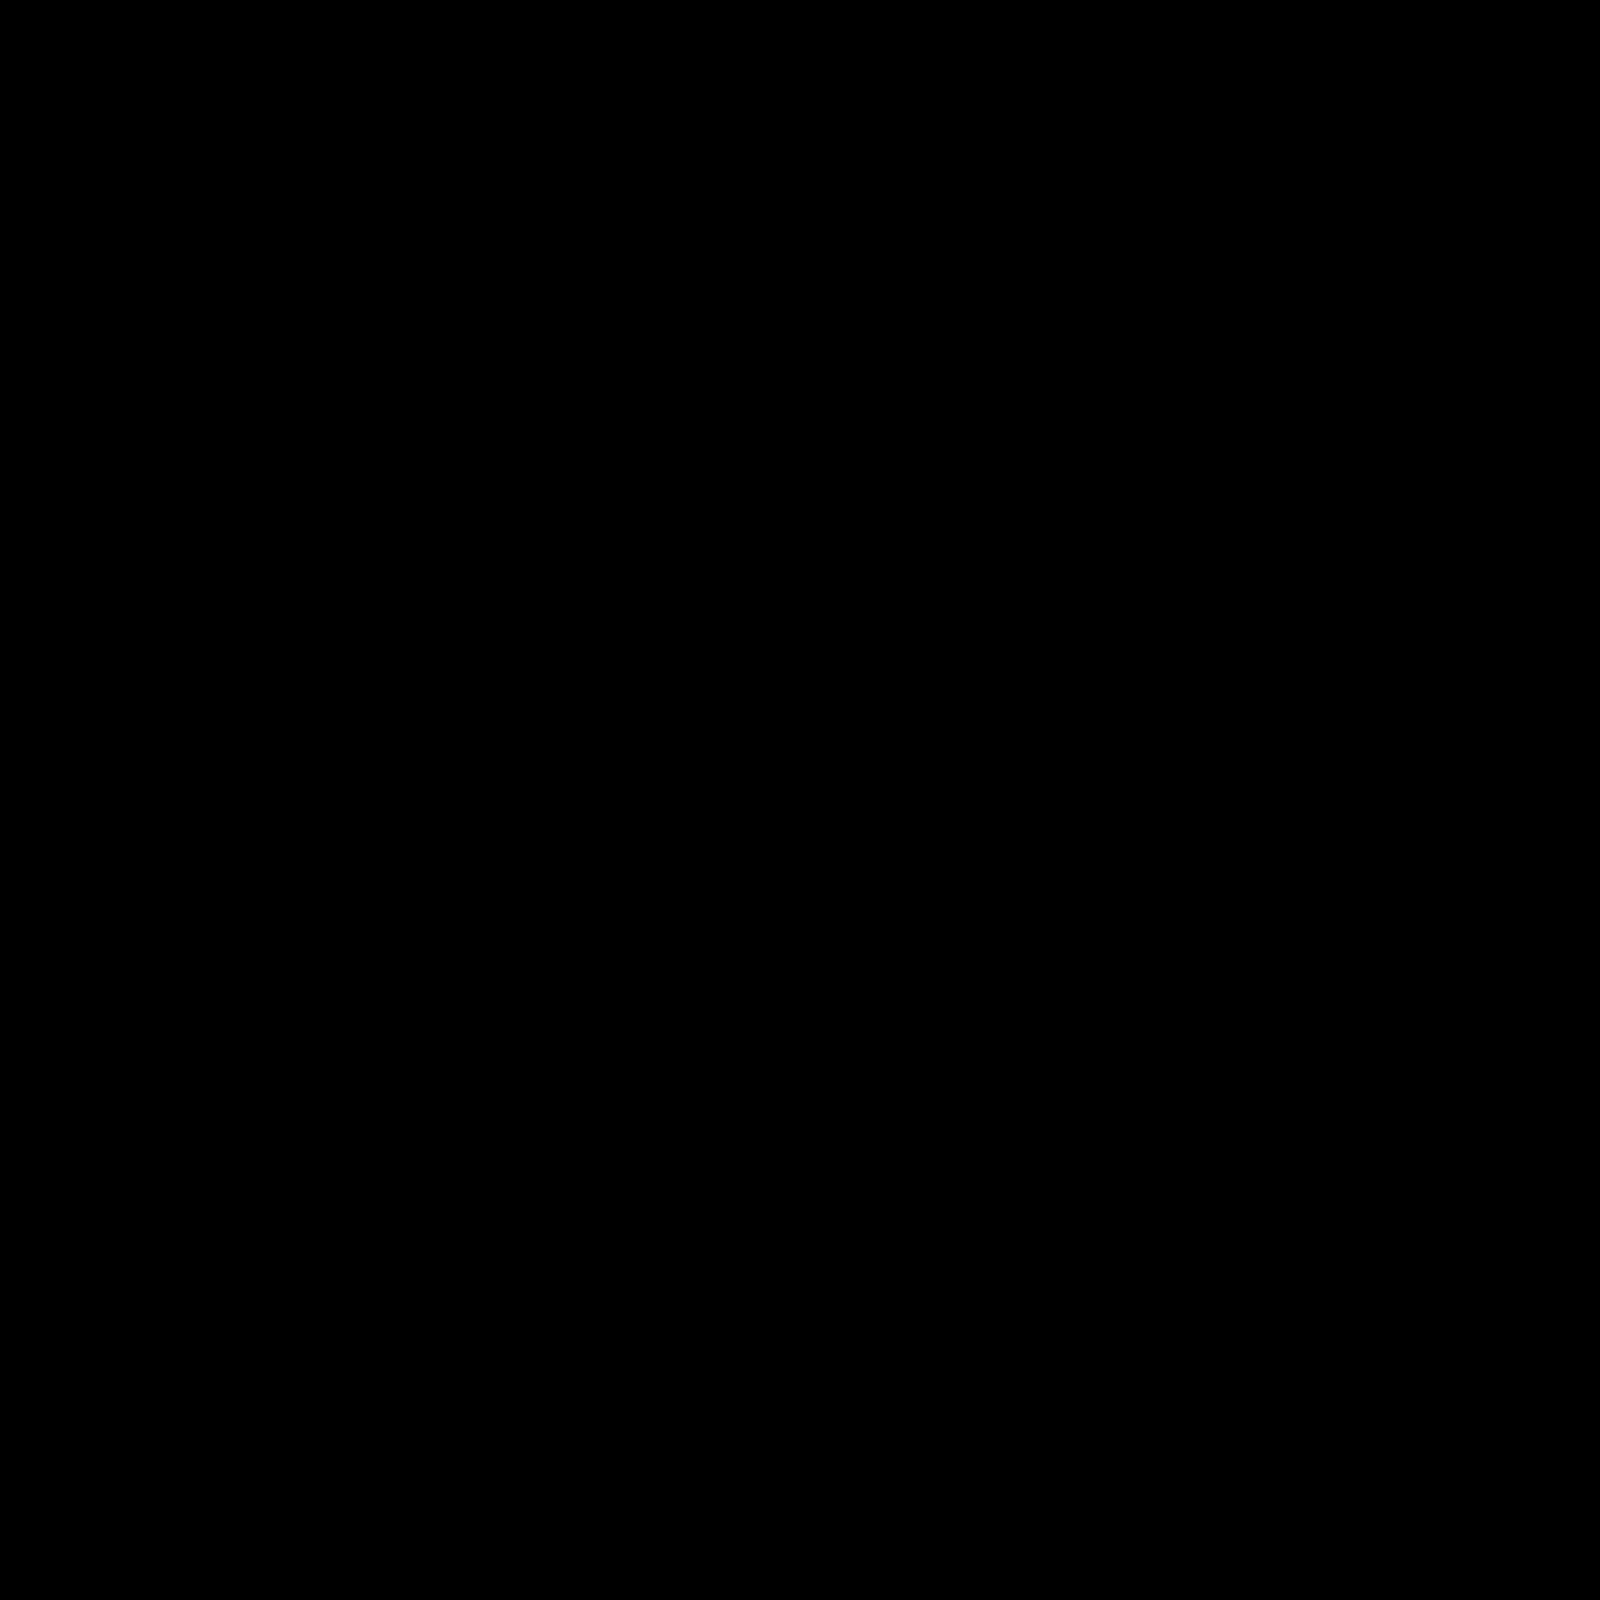 Coquilles Saint-Jacques, julienne à l'orangeCoquilles Saint-Jacques à la crèmeSaint-Jacques au currySaint-honoré aux marronsOursins farcis aux Saint-JacquesMinis saint-honoréCoquilles Saint-Jacques au beurre montéCœurs de Saint-Jacques sauce verteBrochettes de Saint-Jacques au fenouilNage de Saint-Jacques aux légumes fraisSaint-Jacques à la sauce euphorisantePétales de Saint-Jacques en vinaigrette parfuméeNoix de Saint-Jacques snackées à la truffe Noix de Saint-Jacques aux légumes en coque feuilletéeBrochette de Saint-Jacques aux pommesSalade Saint-ValentinSaint-Jacques facileNoix de Saint-Jacques au potiron fondantCrumble de St Jacques sur sa crème de poireauxTartare de Saint-Jacques au citron vertNage de Saint-Jacques aux agrumesBrochettes de Saint-Jacques à la citronnelle et fruits de la passionMinute de Saint-Jacques aux fenouilsSaint-Jacques flambées au whiskyPetits mille-feuilles de Saint-Jacques et radis noirTartare Saint jacques & Amandes de Mer {Gingembre – Citron vert & Piment d'Espelette}Salade de Saint-Jacques et tuiles au parmesanNoix de Saint-Jacques à l'effilochée d'endivesRisotto au Balsamique et aux noix de St-JacquesNoix de St Jacques moutardées au piment et OrangeNoix de St-Jacques et sa vinaigrette tiédiePetits feuilletés au saint-nectaire